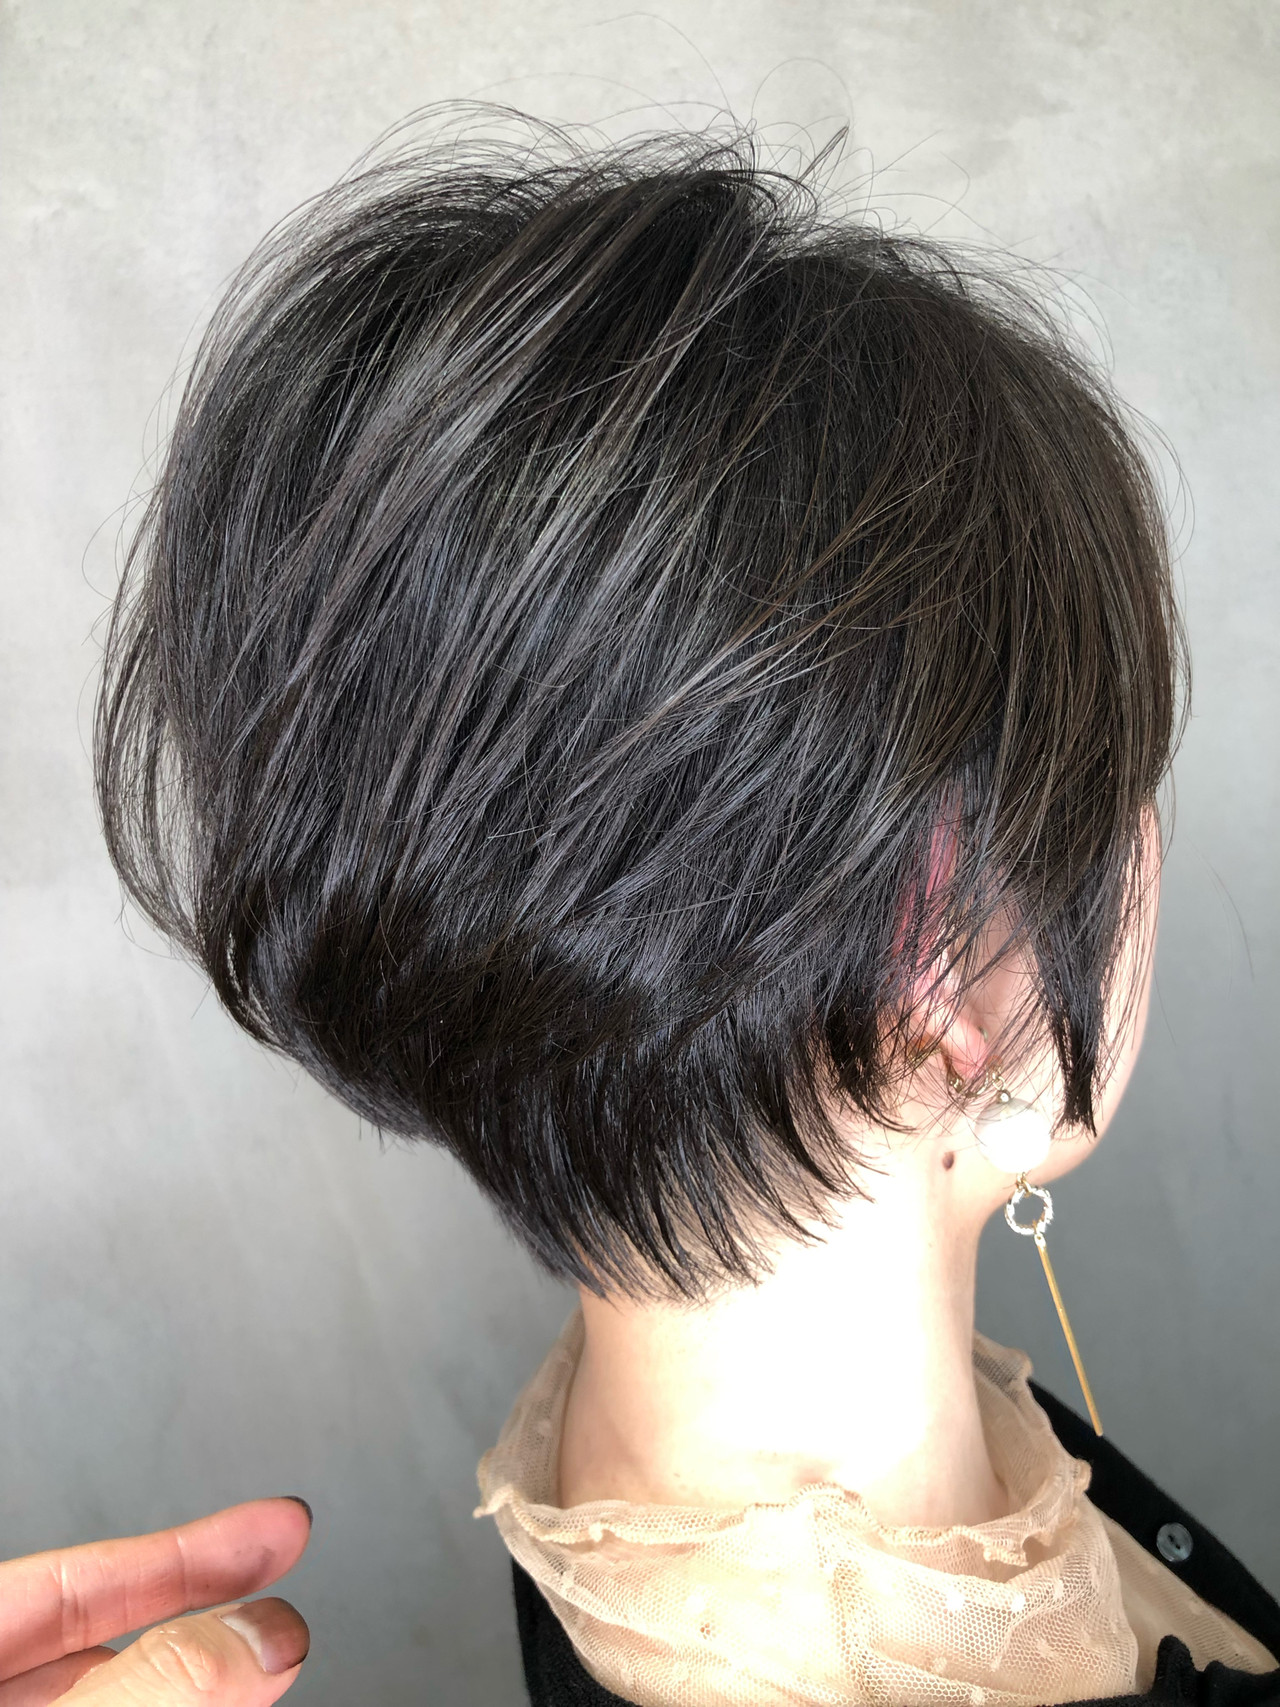 小顔ショート オフィス ハンサムショート ショートボブ ヘアスタイルや髪型の写真・画像 | 筒井 隆由 / Hair salon mode